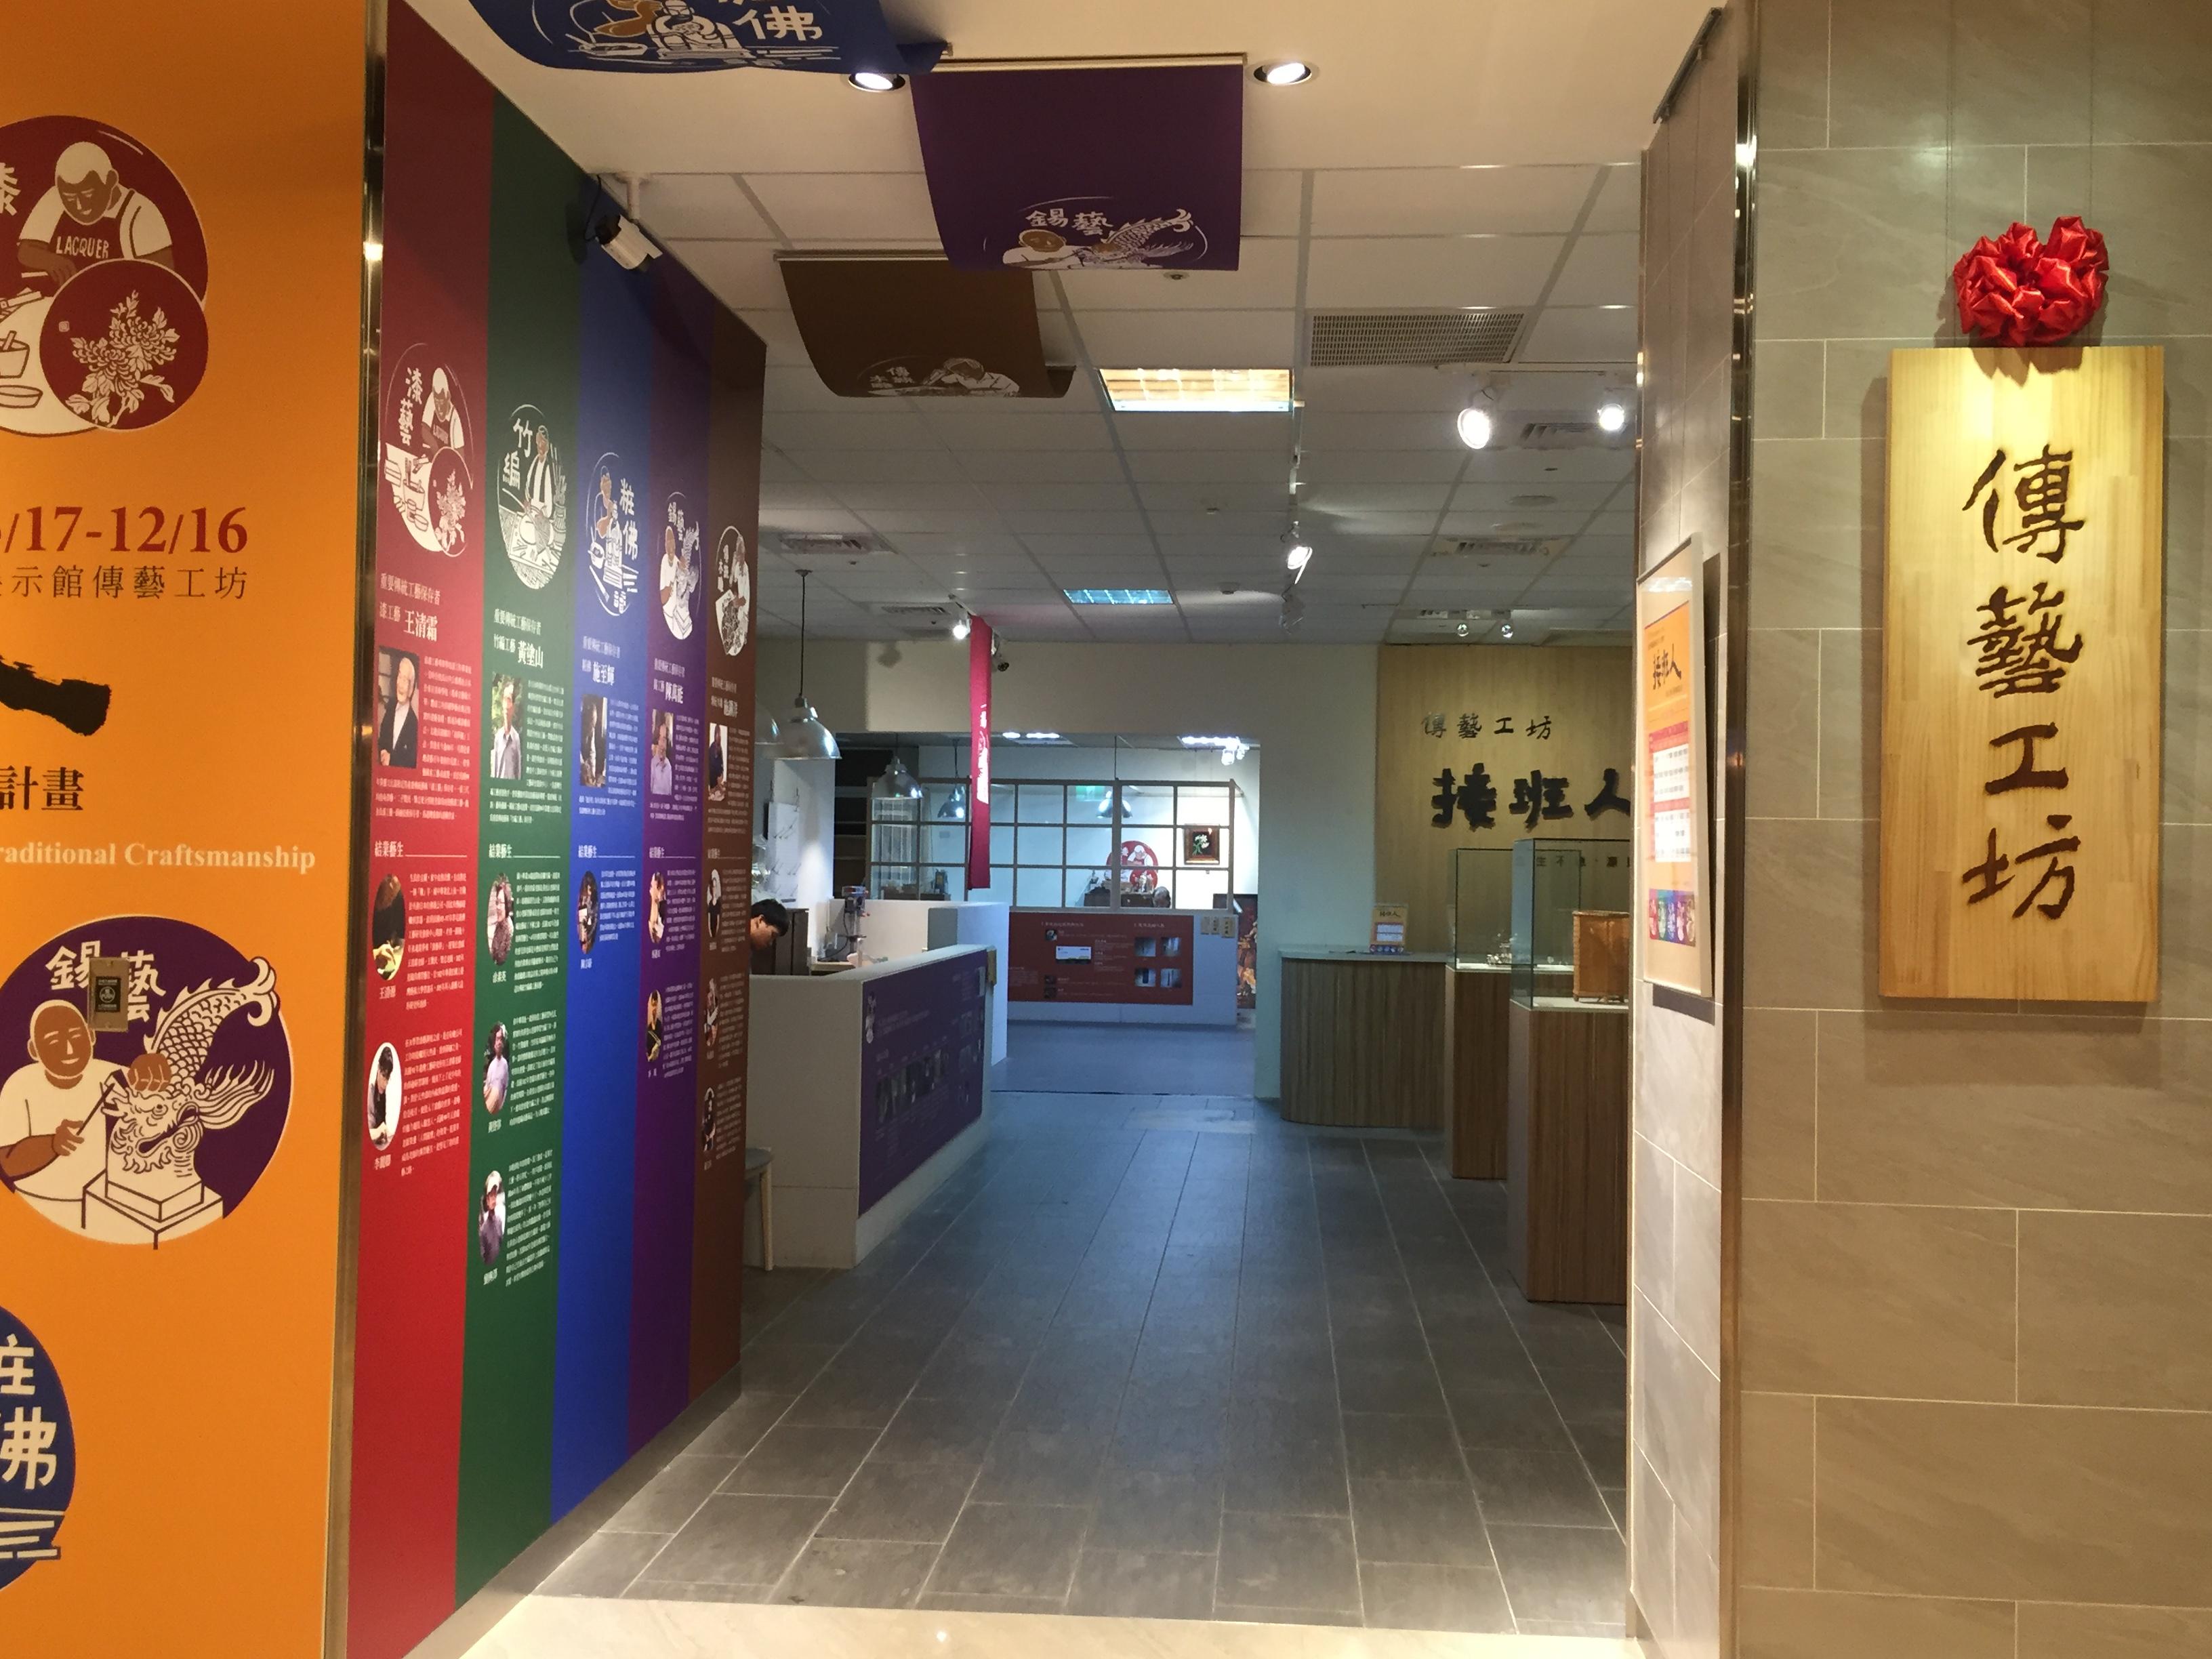 3-107 年在宜蘭傳藝園區打造專屬的「傳藝工坊」,內部除5 類工藝之工作室,也具備教育推廣區及作品展示區.JPG